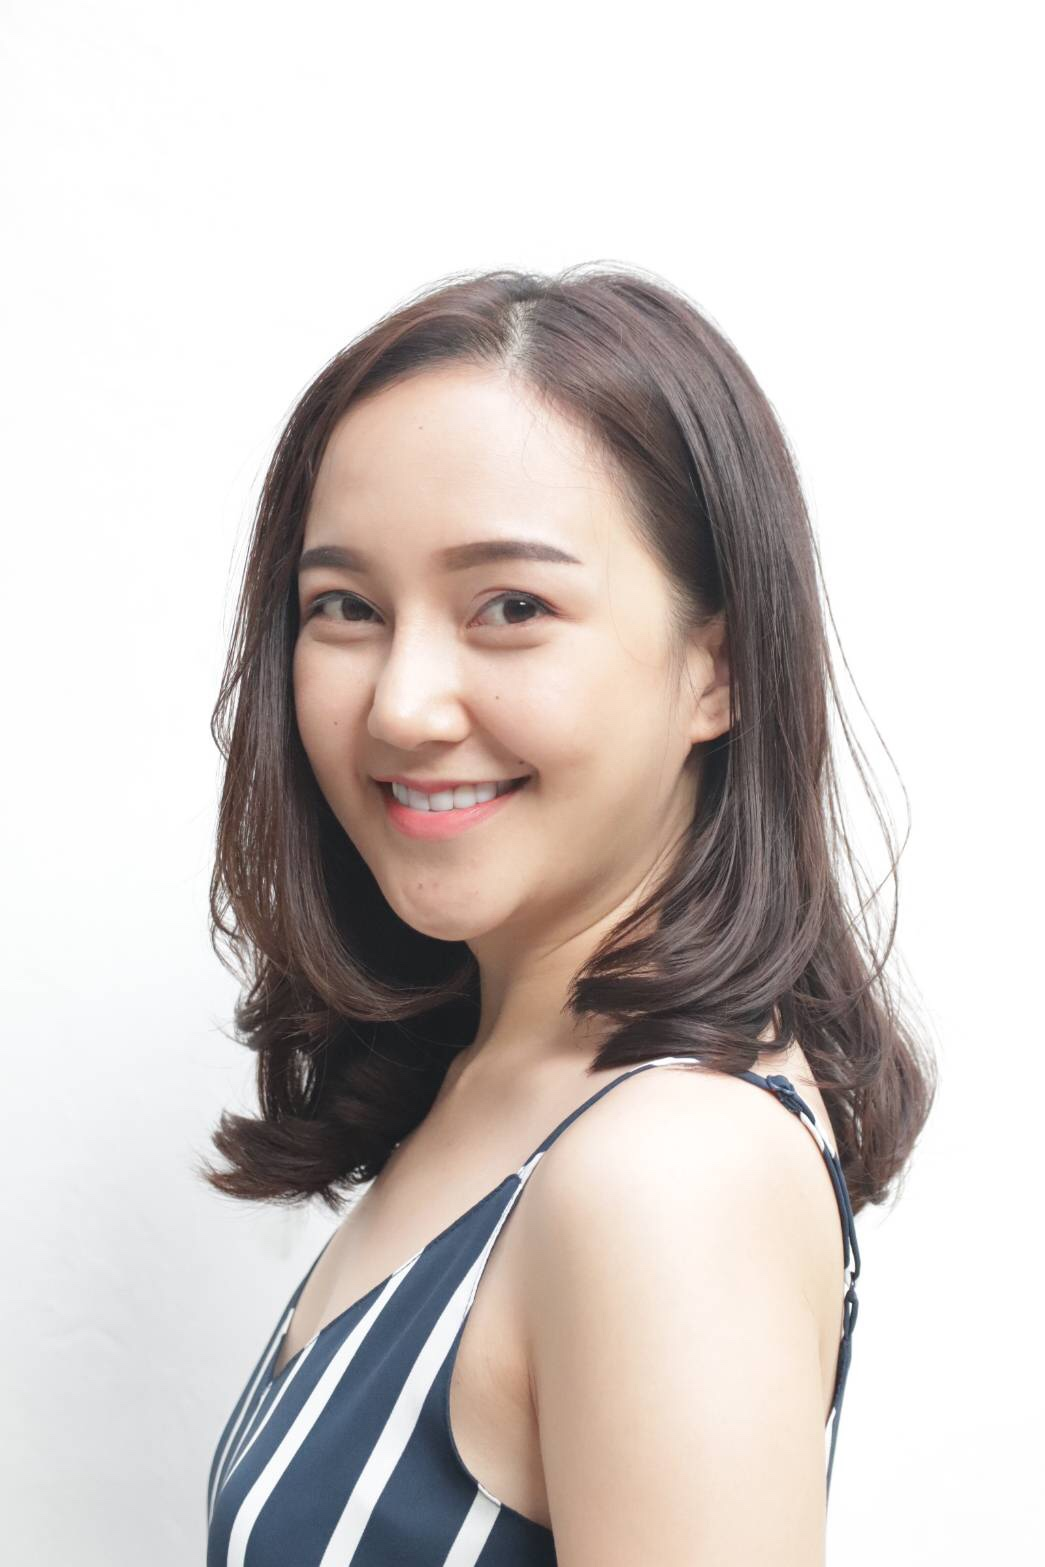 【NEVE】haircut-medium-long-layer